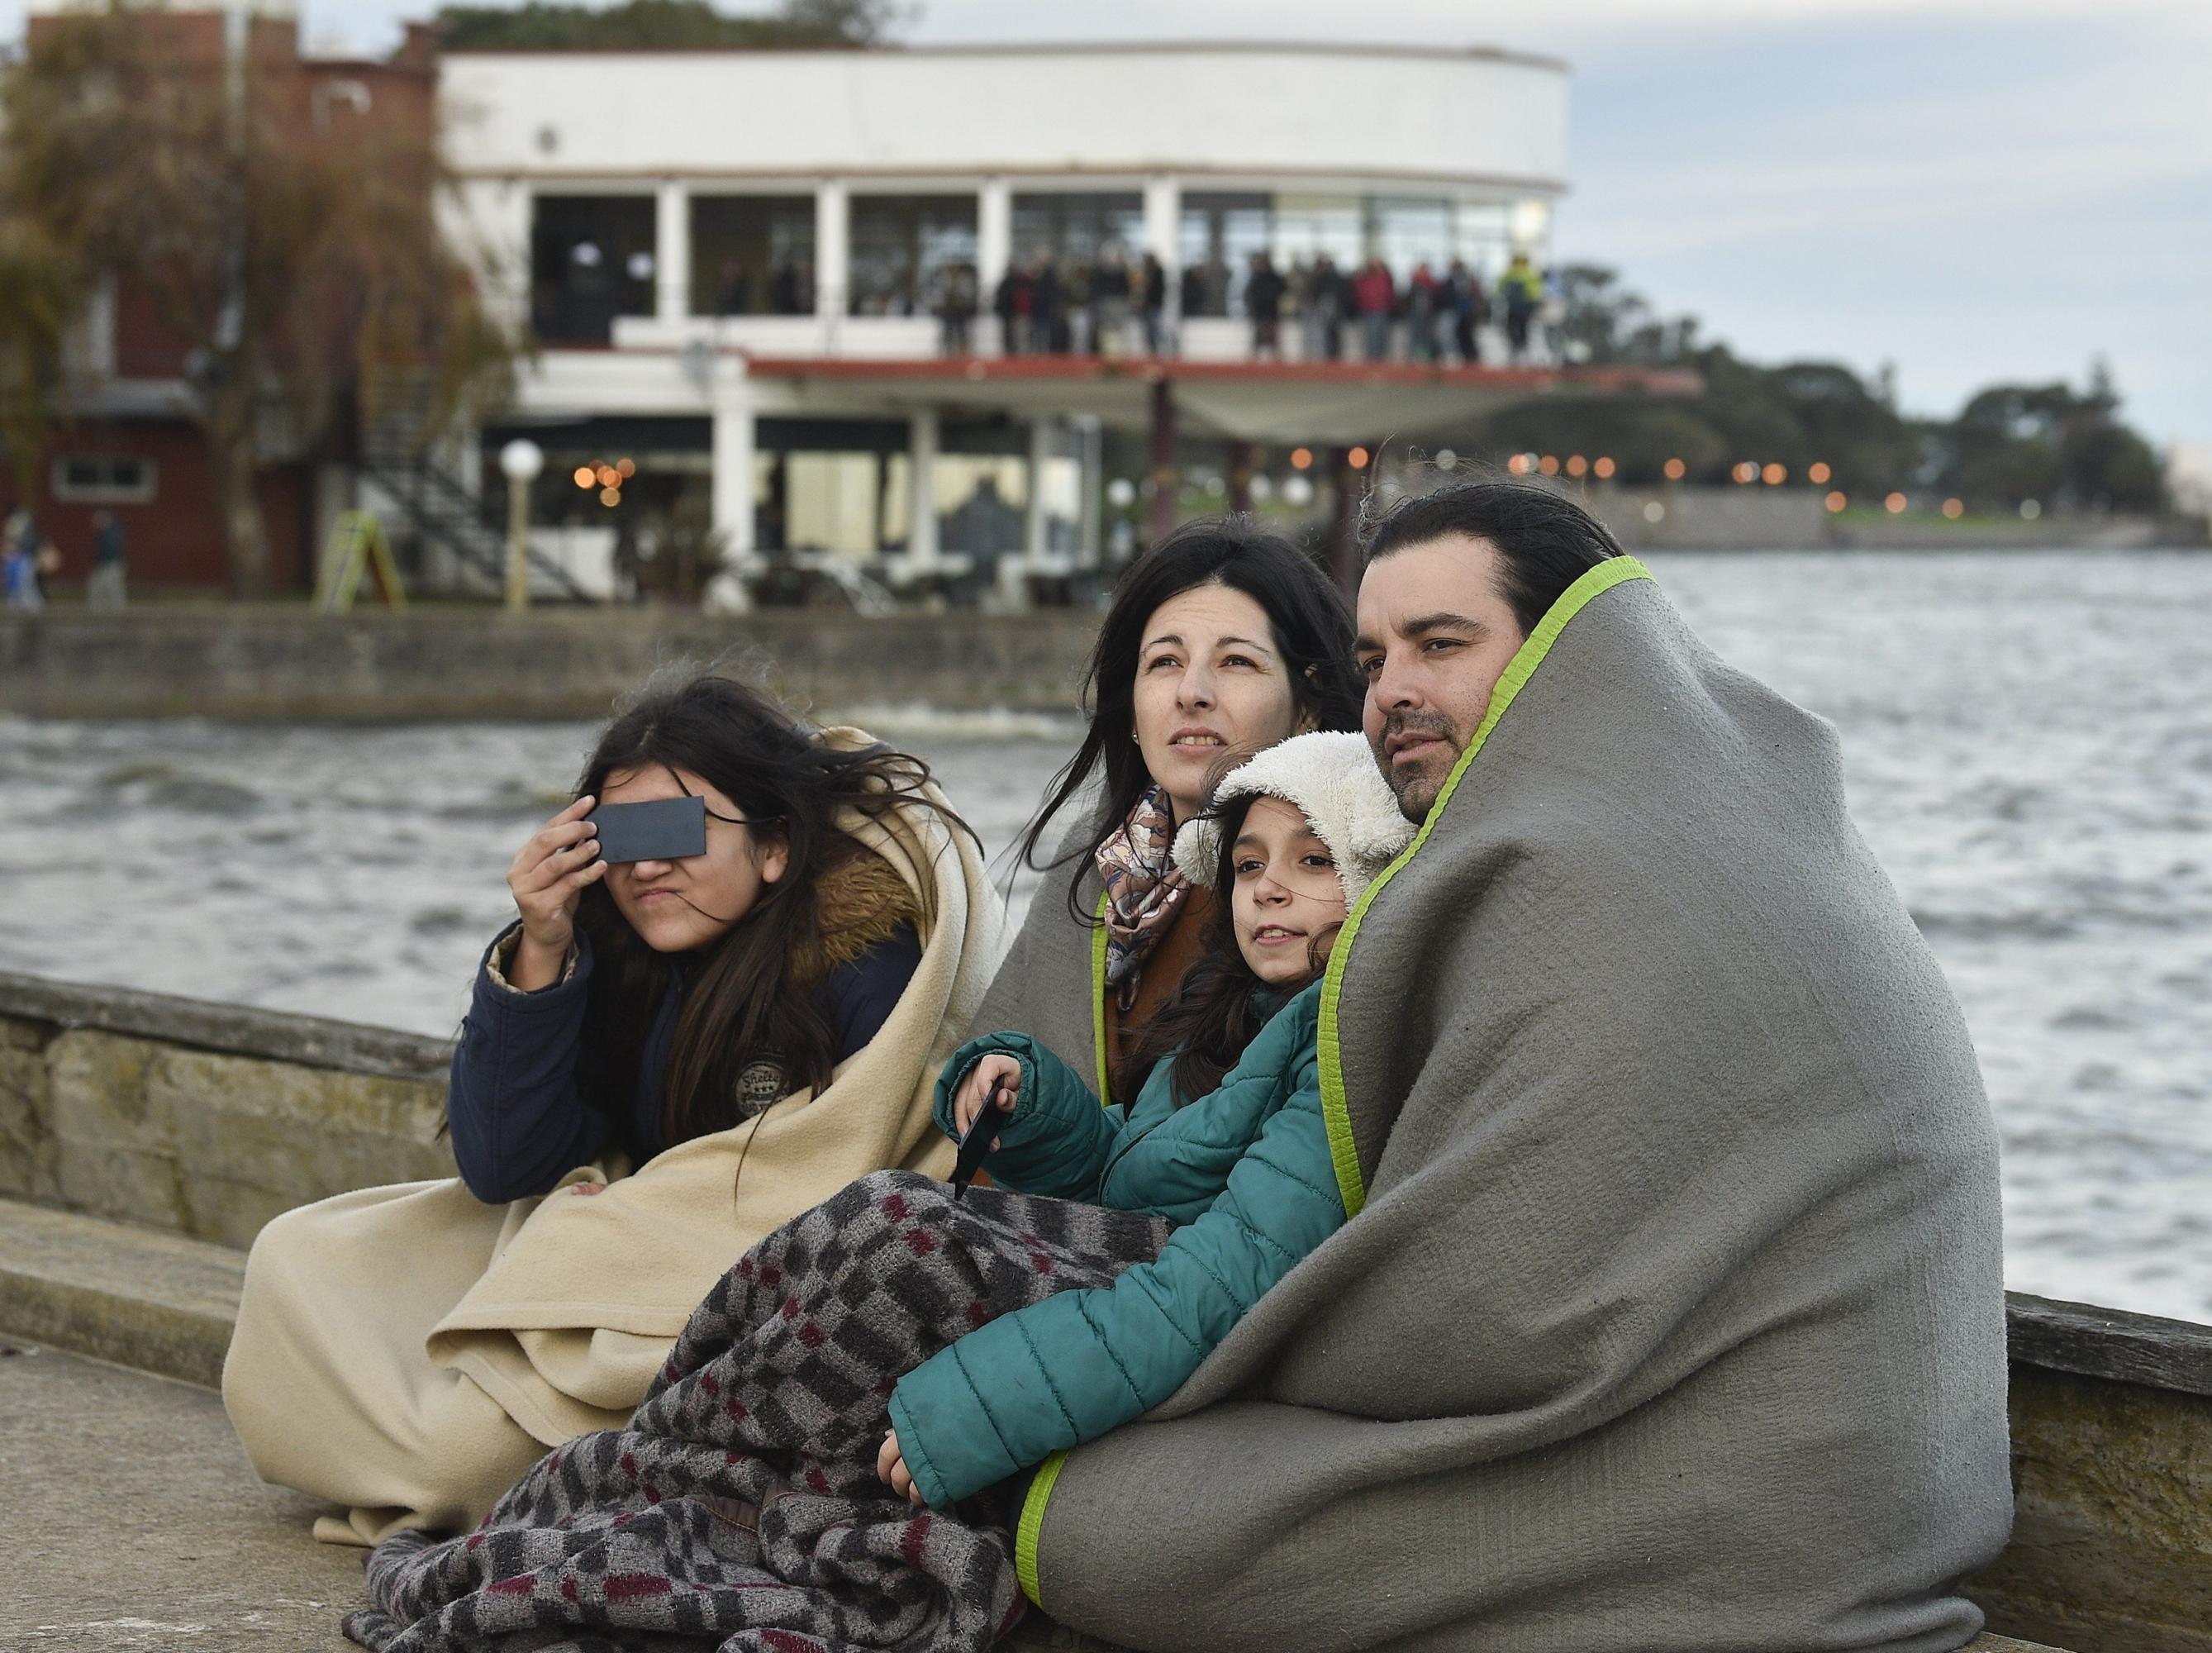 En Argentina, el principal punto de observación fue la región de Cuyo, donde miles de personas lo convirtieron en un paseo turístico. (AFP)